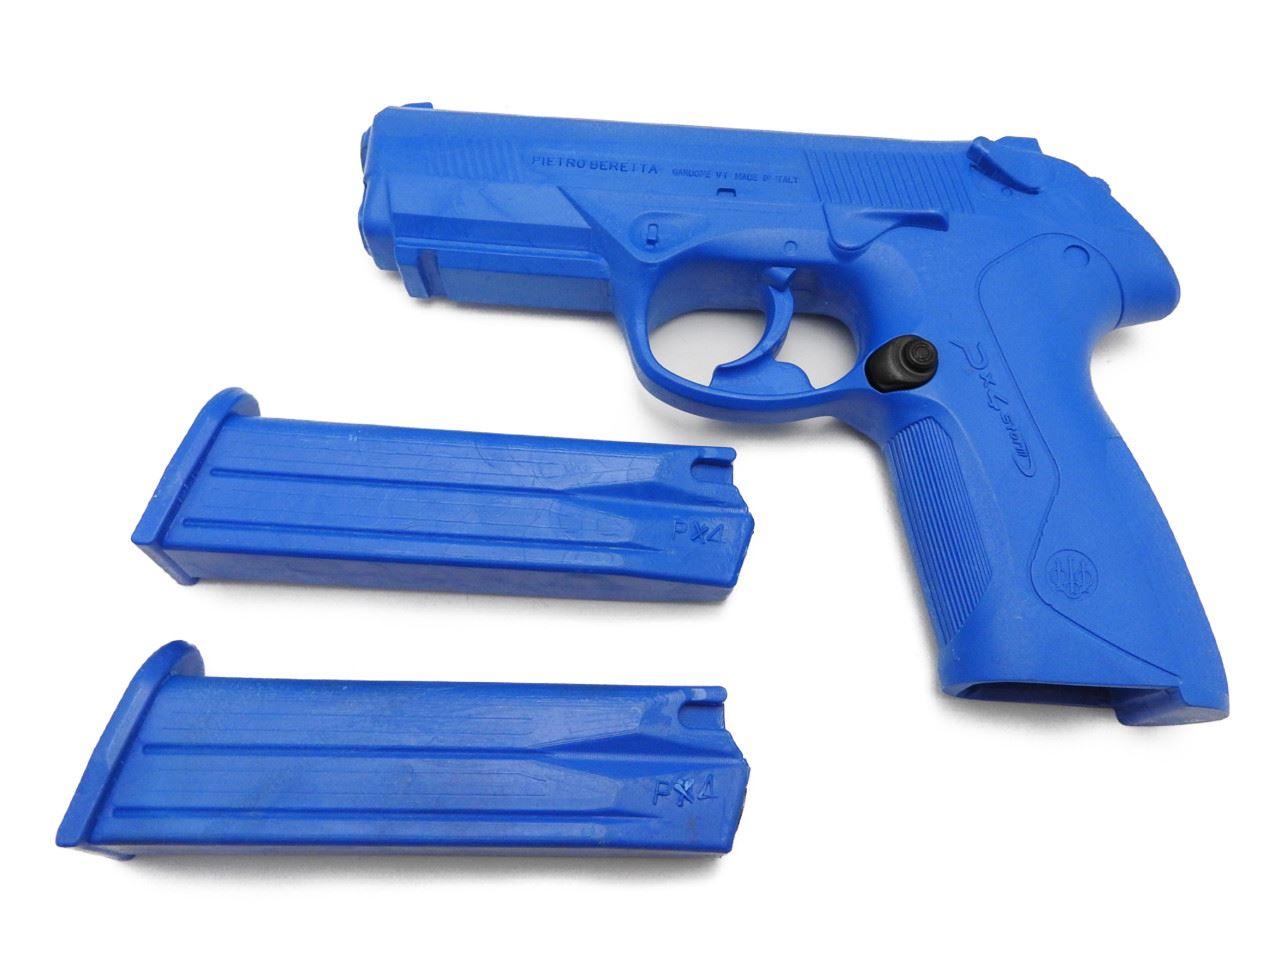 Beretta ベレッタ社 PX4 純正トレーニングピストル ブルーガン マガジン 2本付 銃 正規輸入品